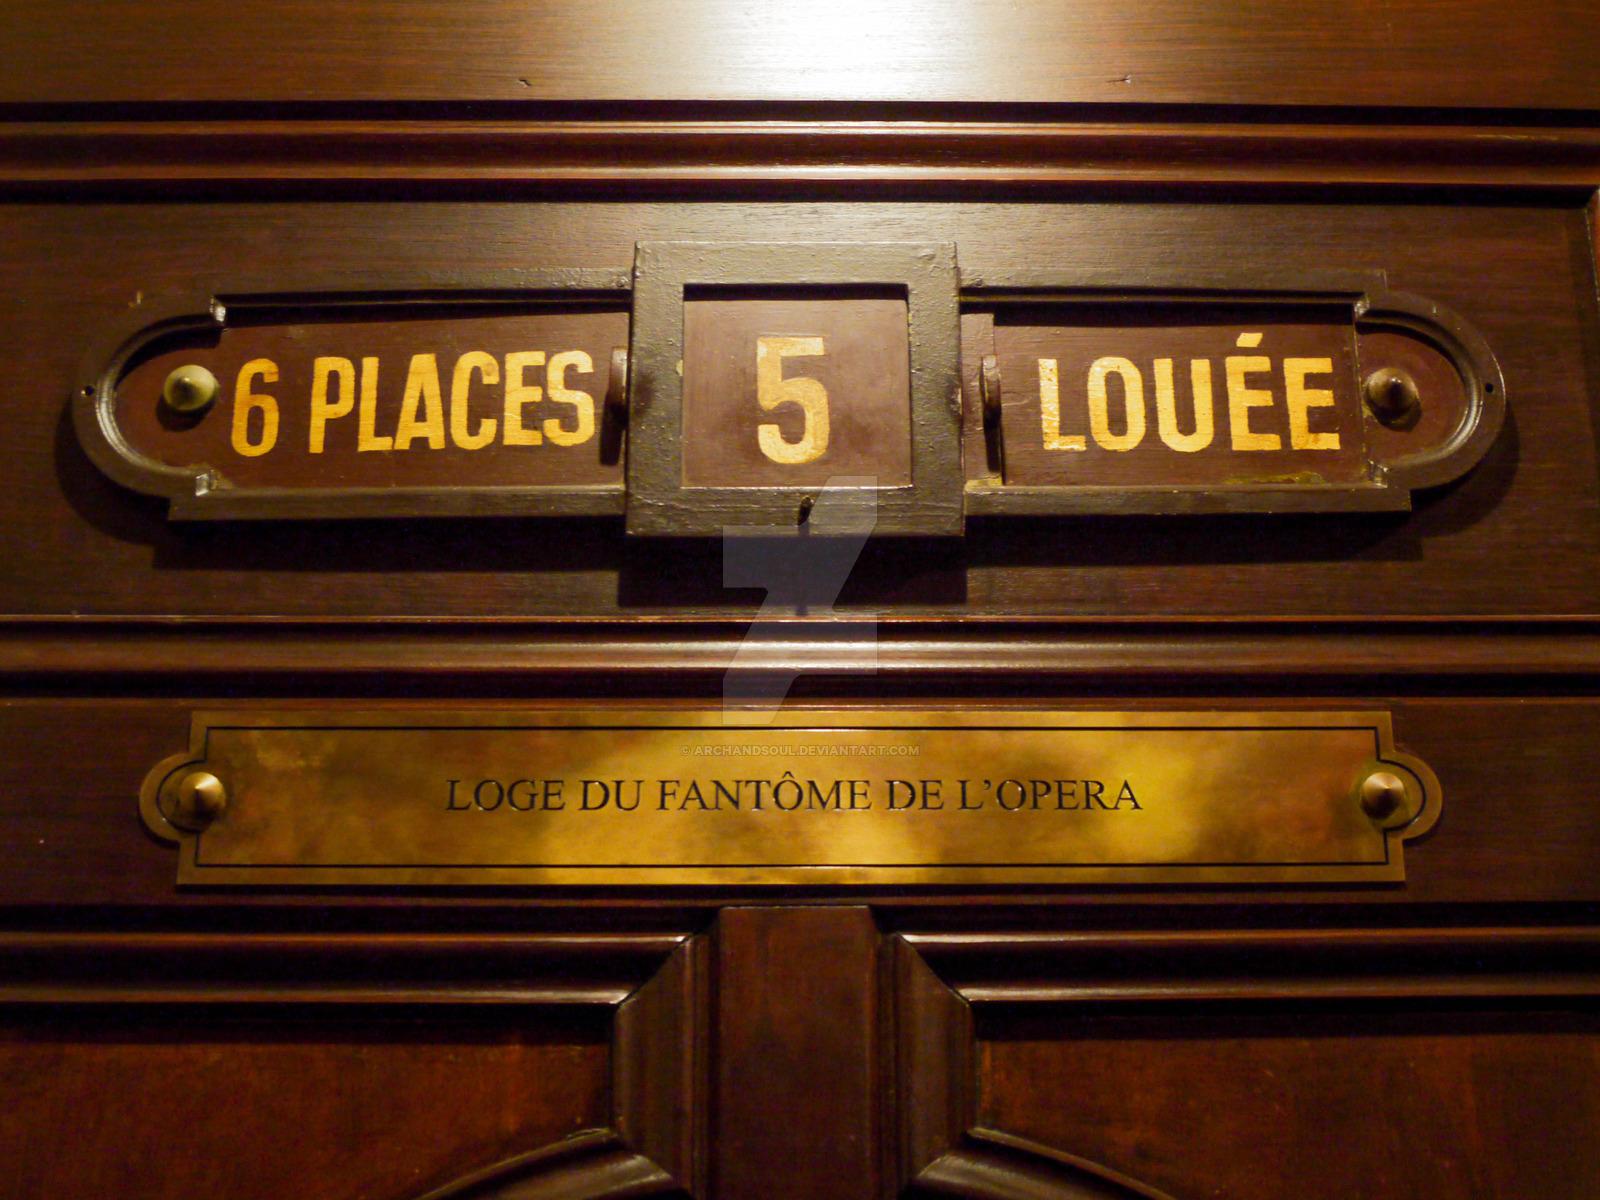 Табличка на двери ложи №5 извещает, что это ложа Призрака Оперы. Источник http://travelask.ru/